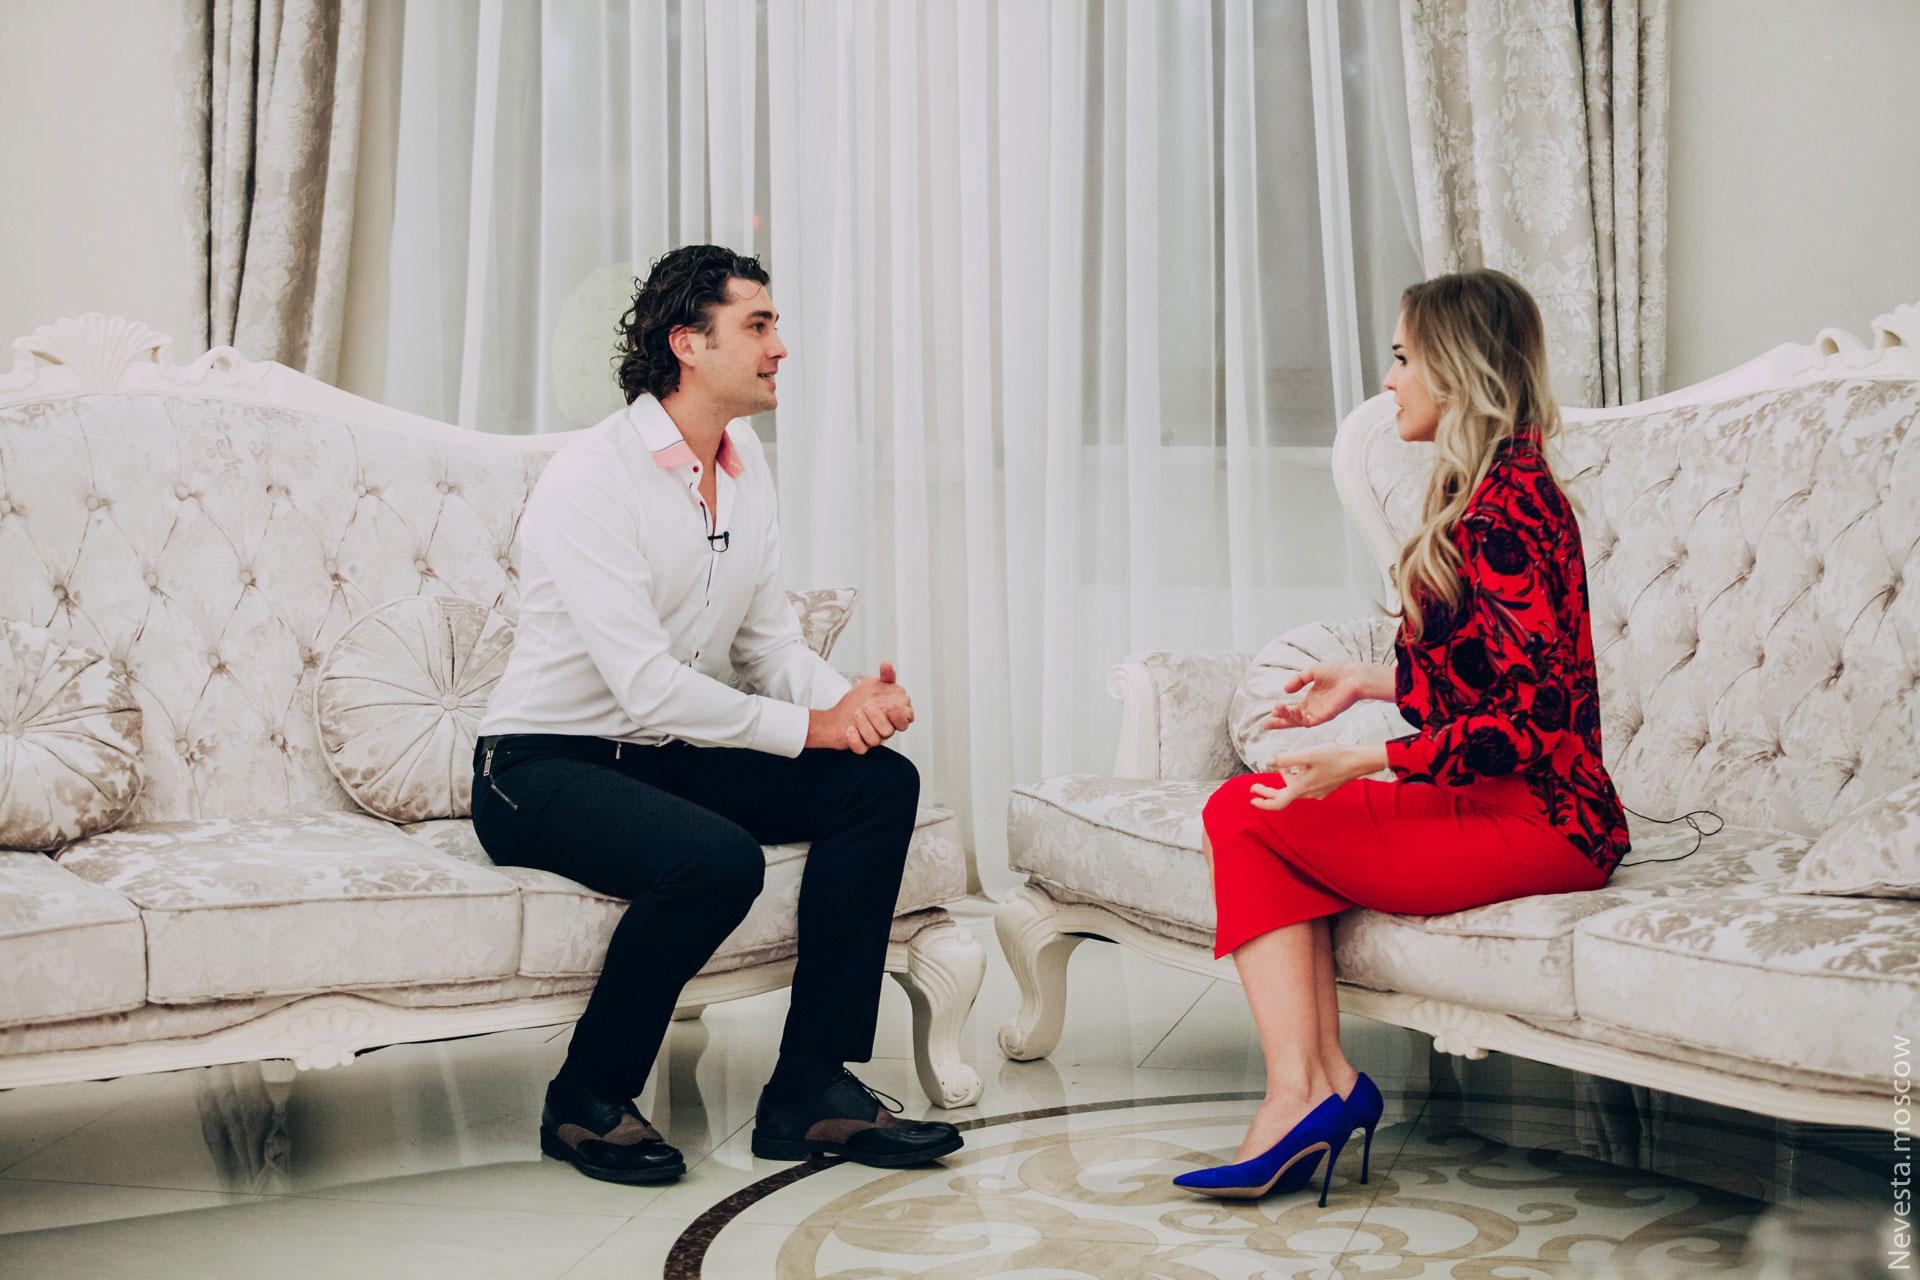 Анна Городжая: разговор с Дмитрием Олениным фото 4